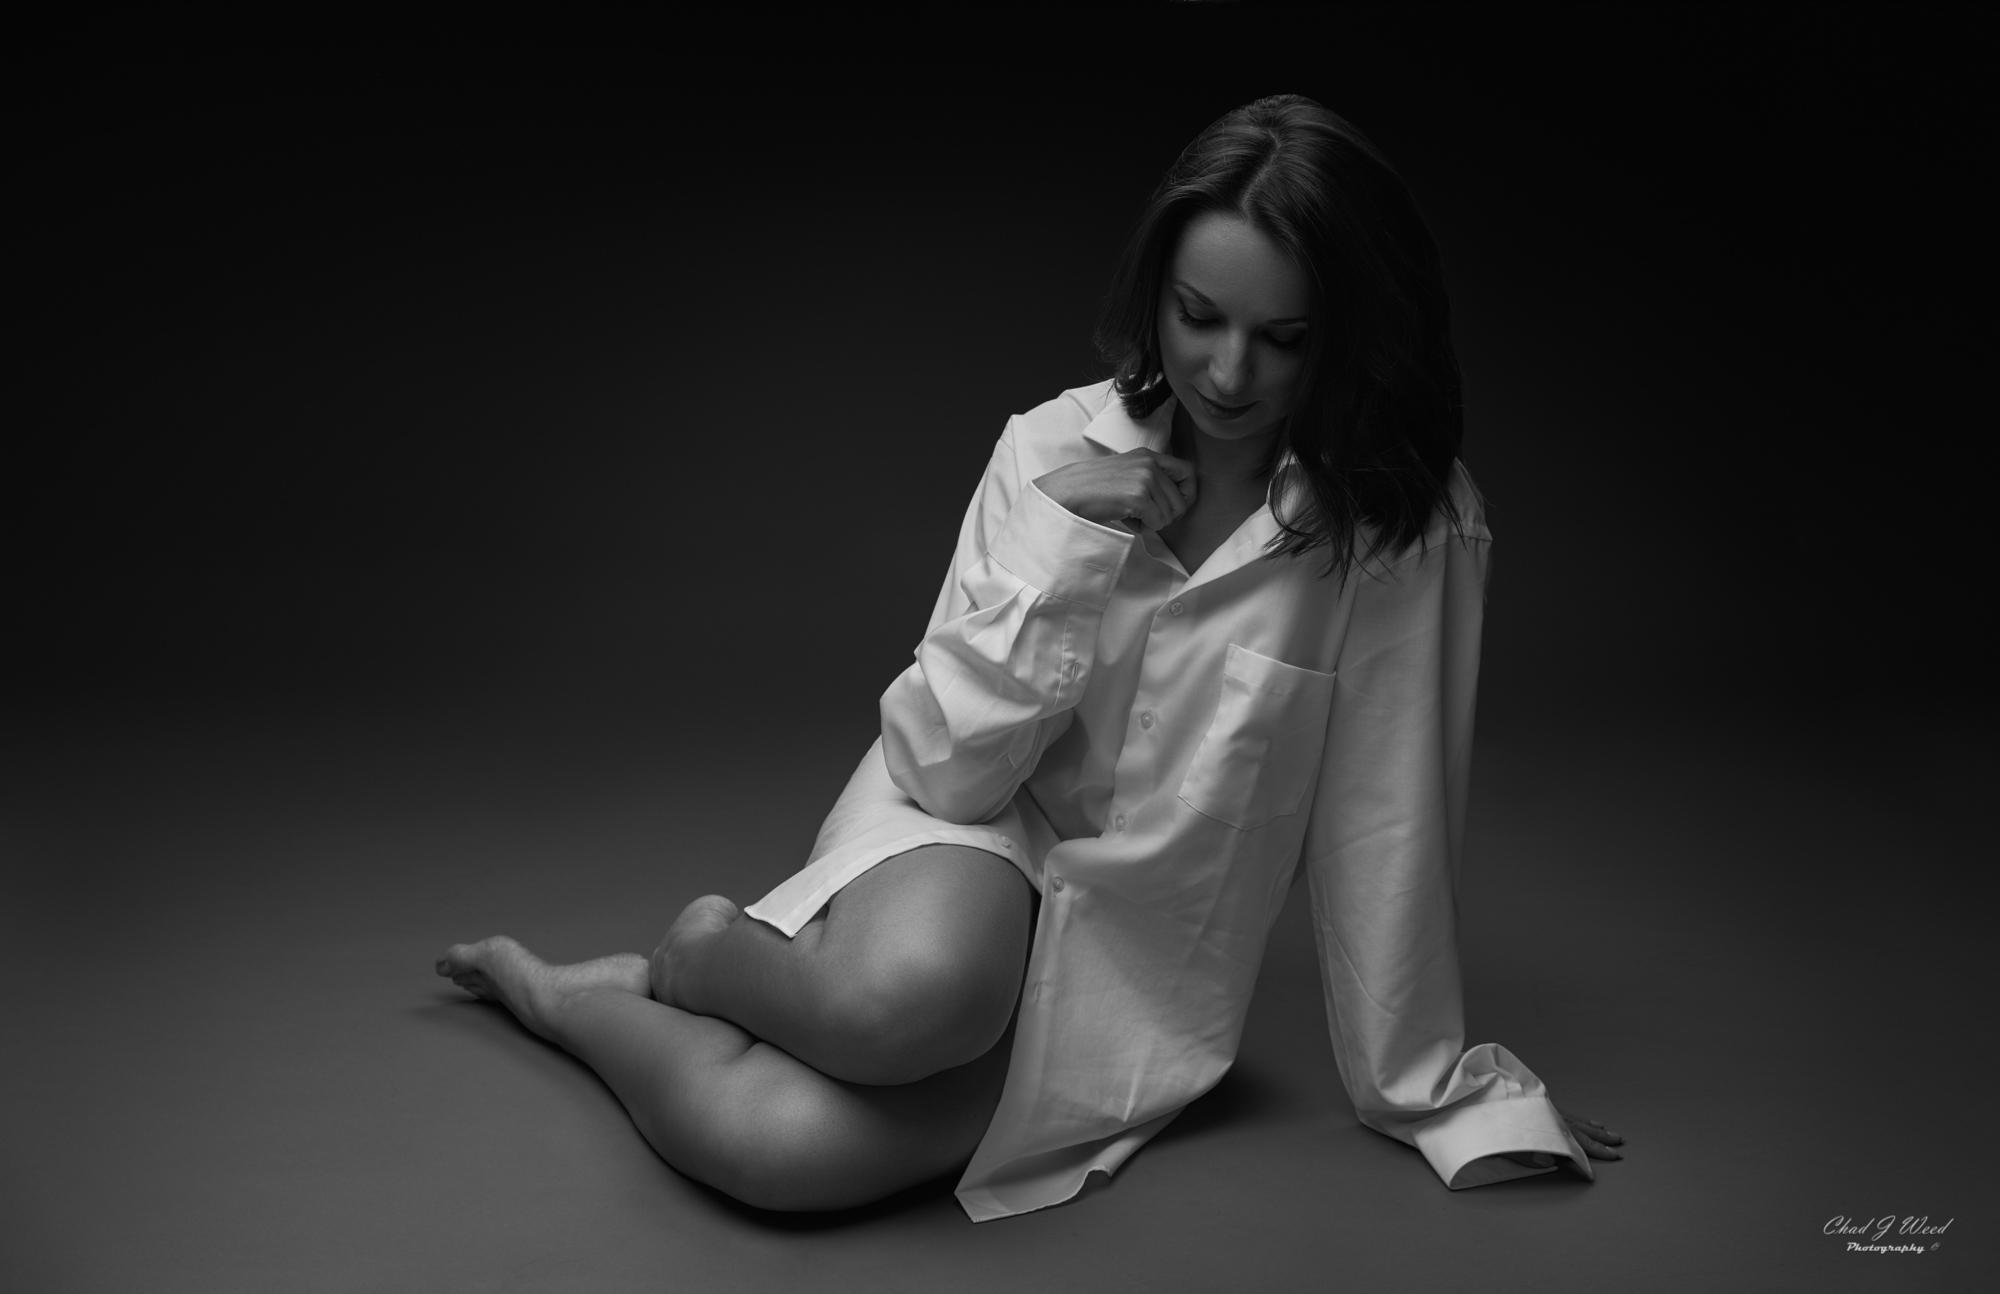 Actress and Model Kika by Mesa Arizona Fashion Portrait Photographer Chad Weed